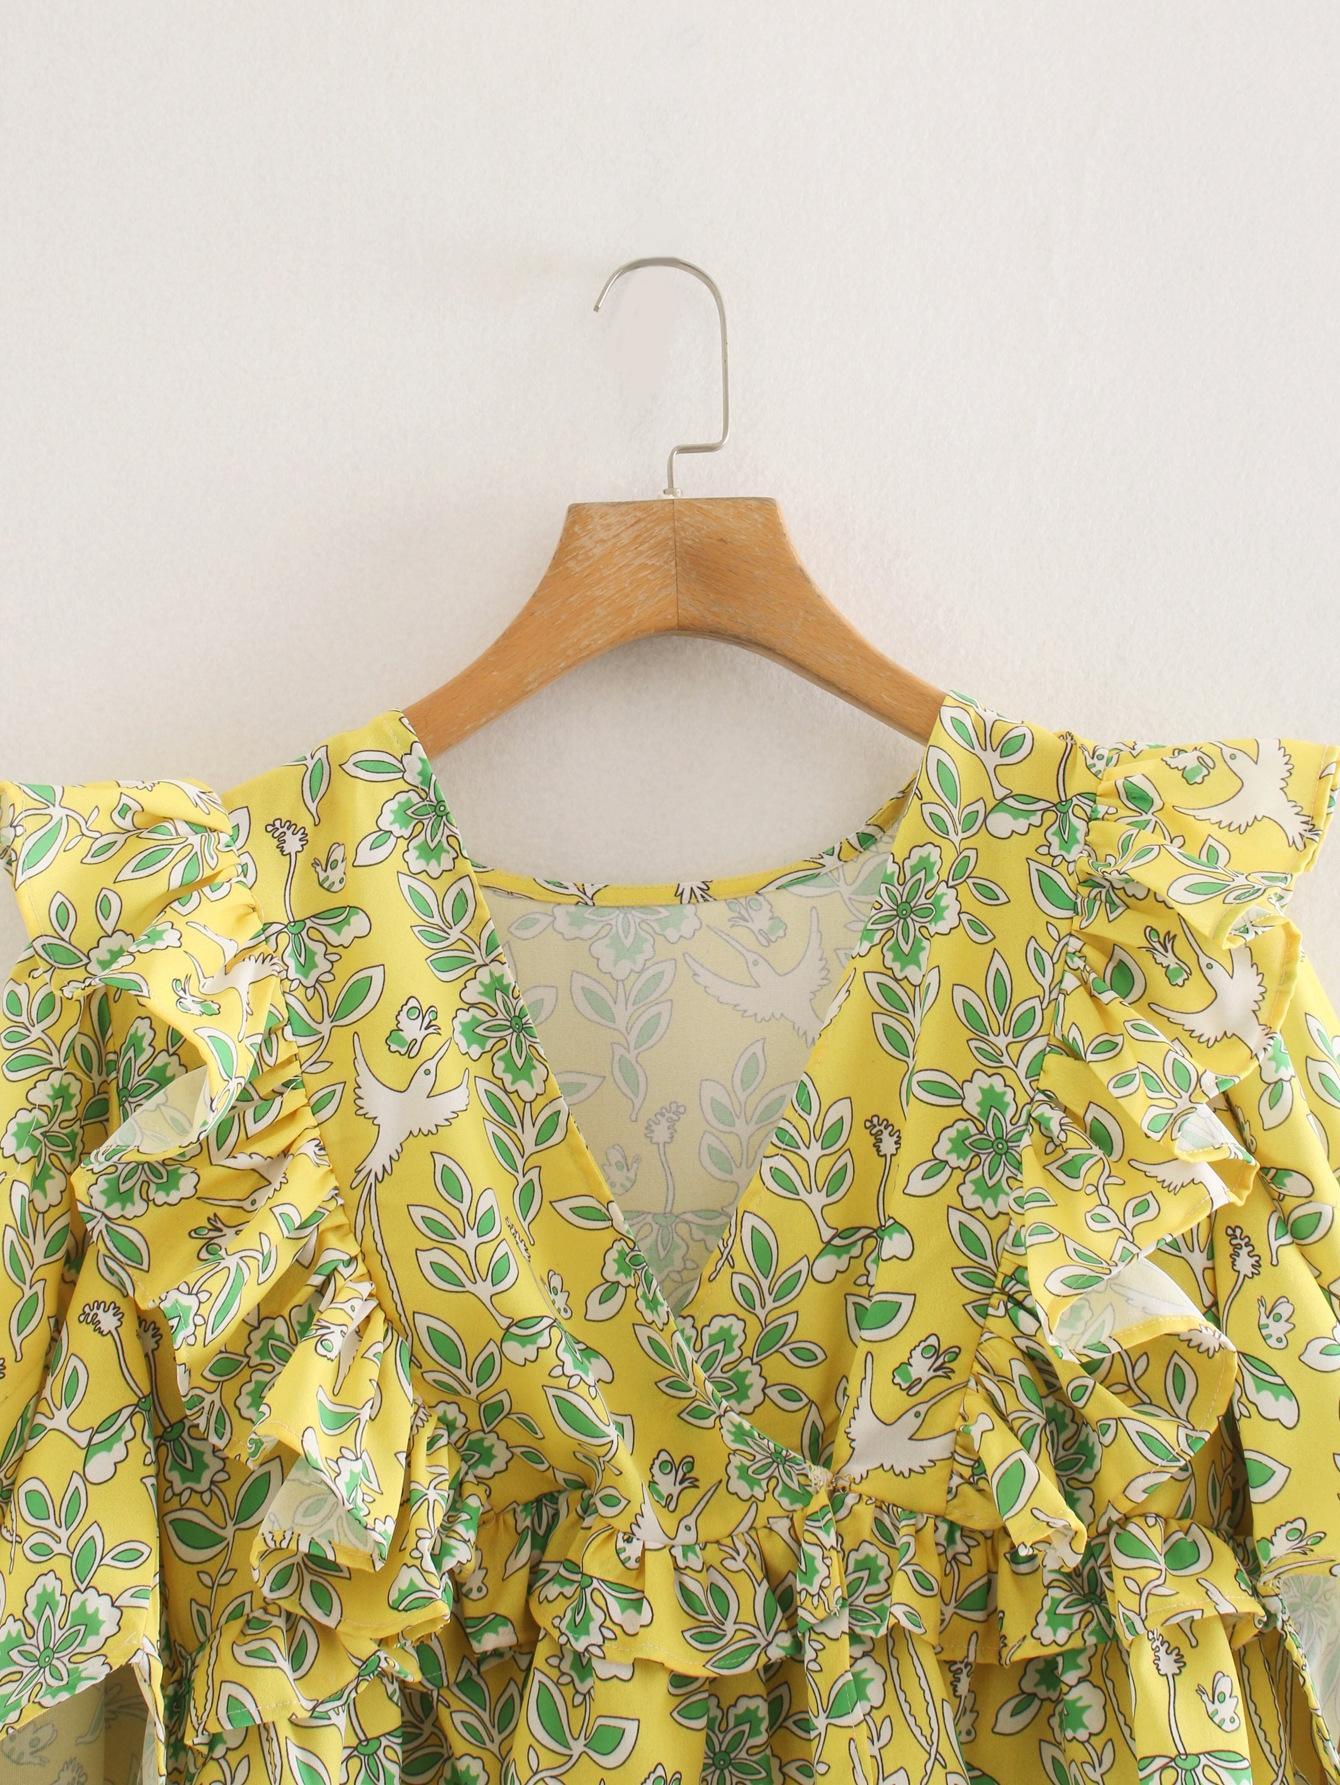 IV9jF PCvyf M7732-Ветер женщины 2020 для рубашки лето новый V-образным вырезом воланами зеленый цветок напечатаны рубашки носить женские